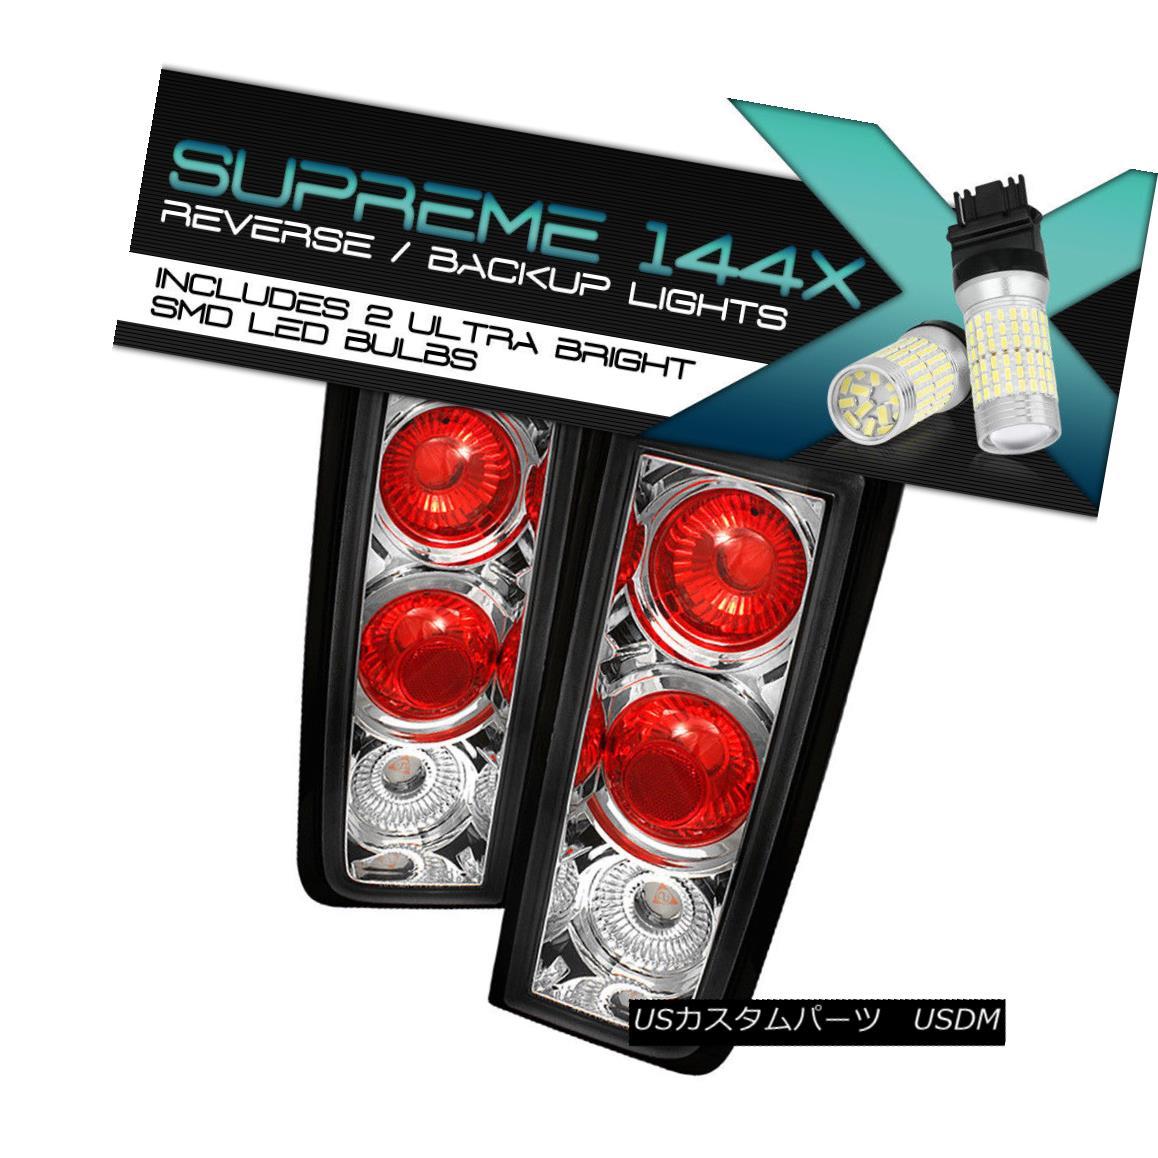 テールライト {FULL SMD REVERSE} Hummer H2 02-04 Sport 4WD Chrome Left+Right Tail Lamps Brake {FULL SMD REVERSE} Hummer H2 02-04スポーツ4WDクローム左+右テールランプブレーキ